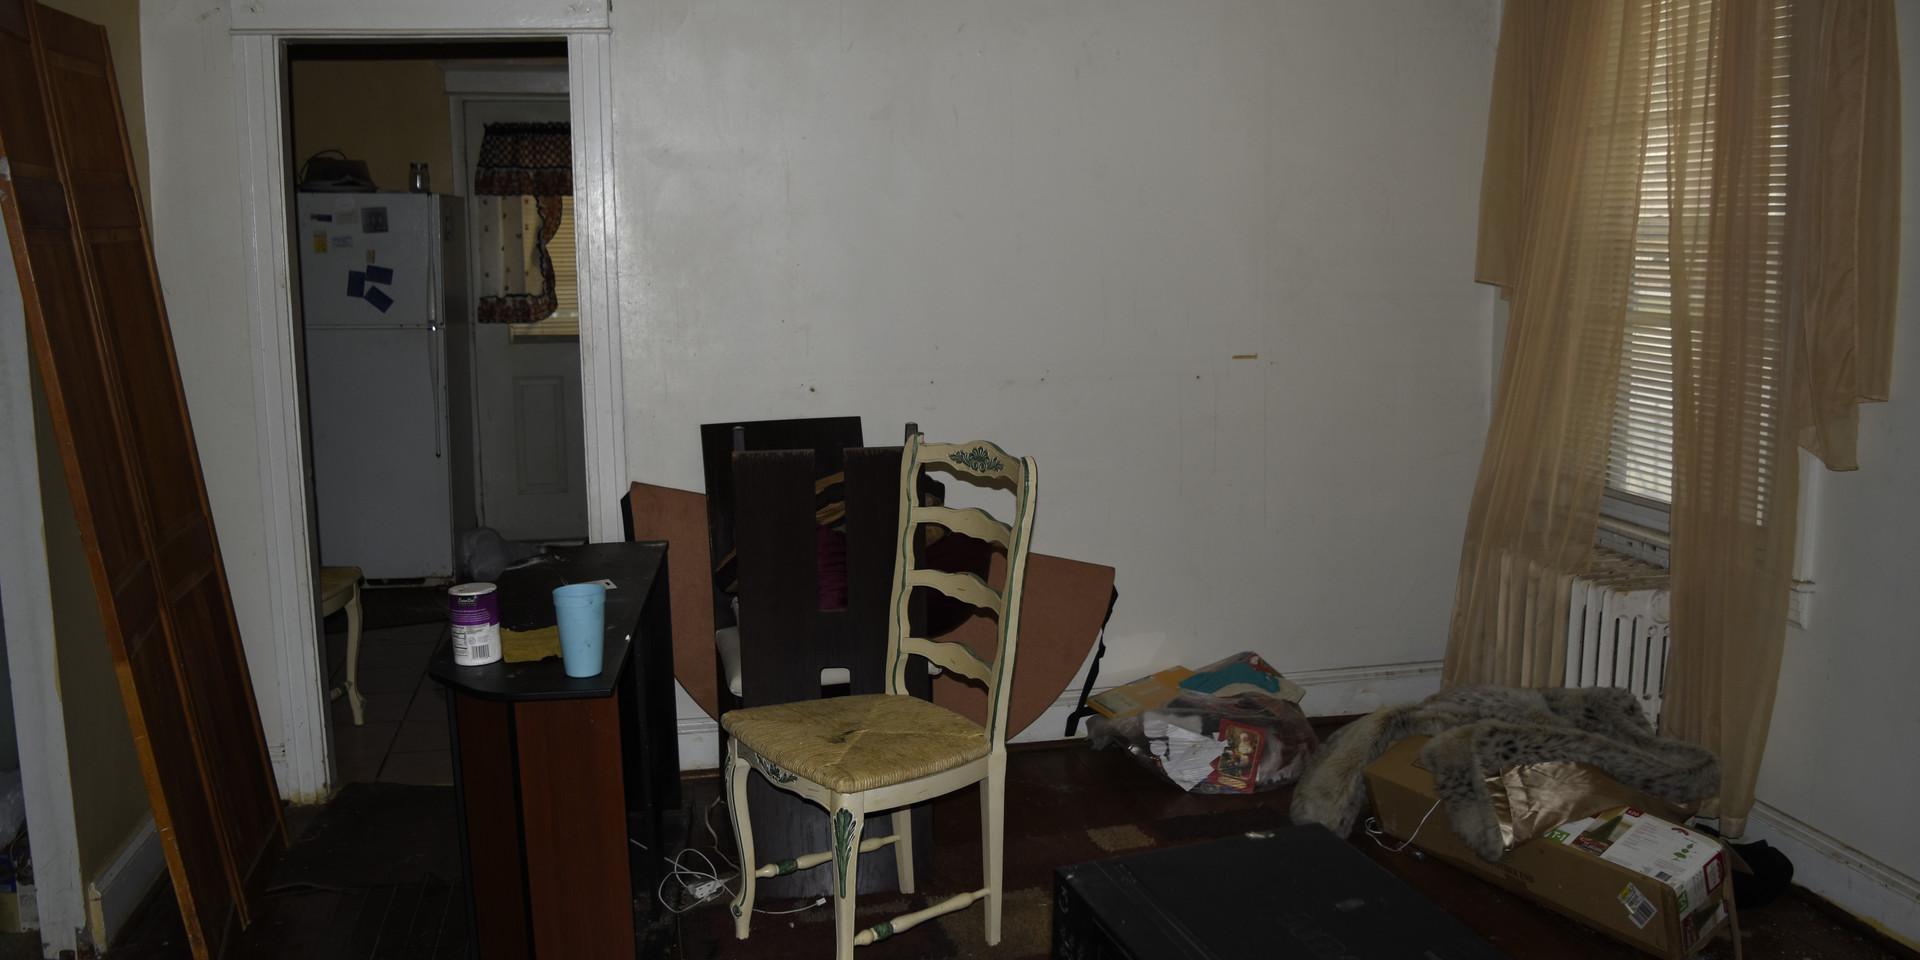 005 Dining Room.JPG